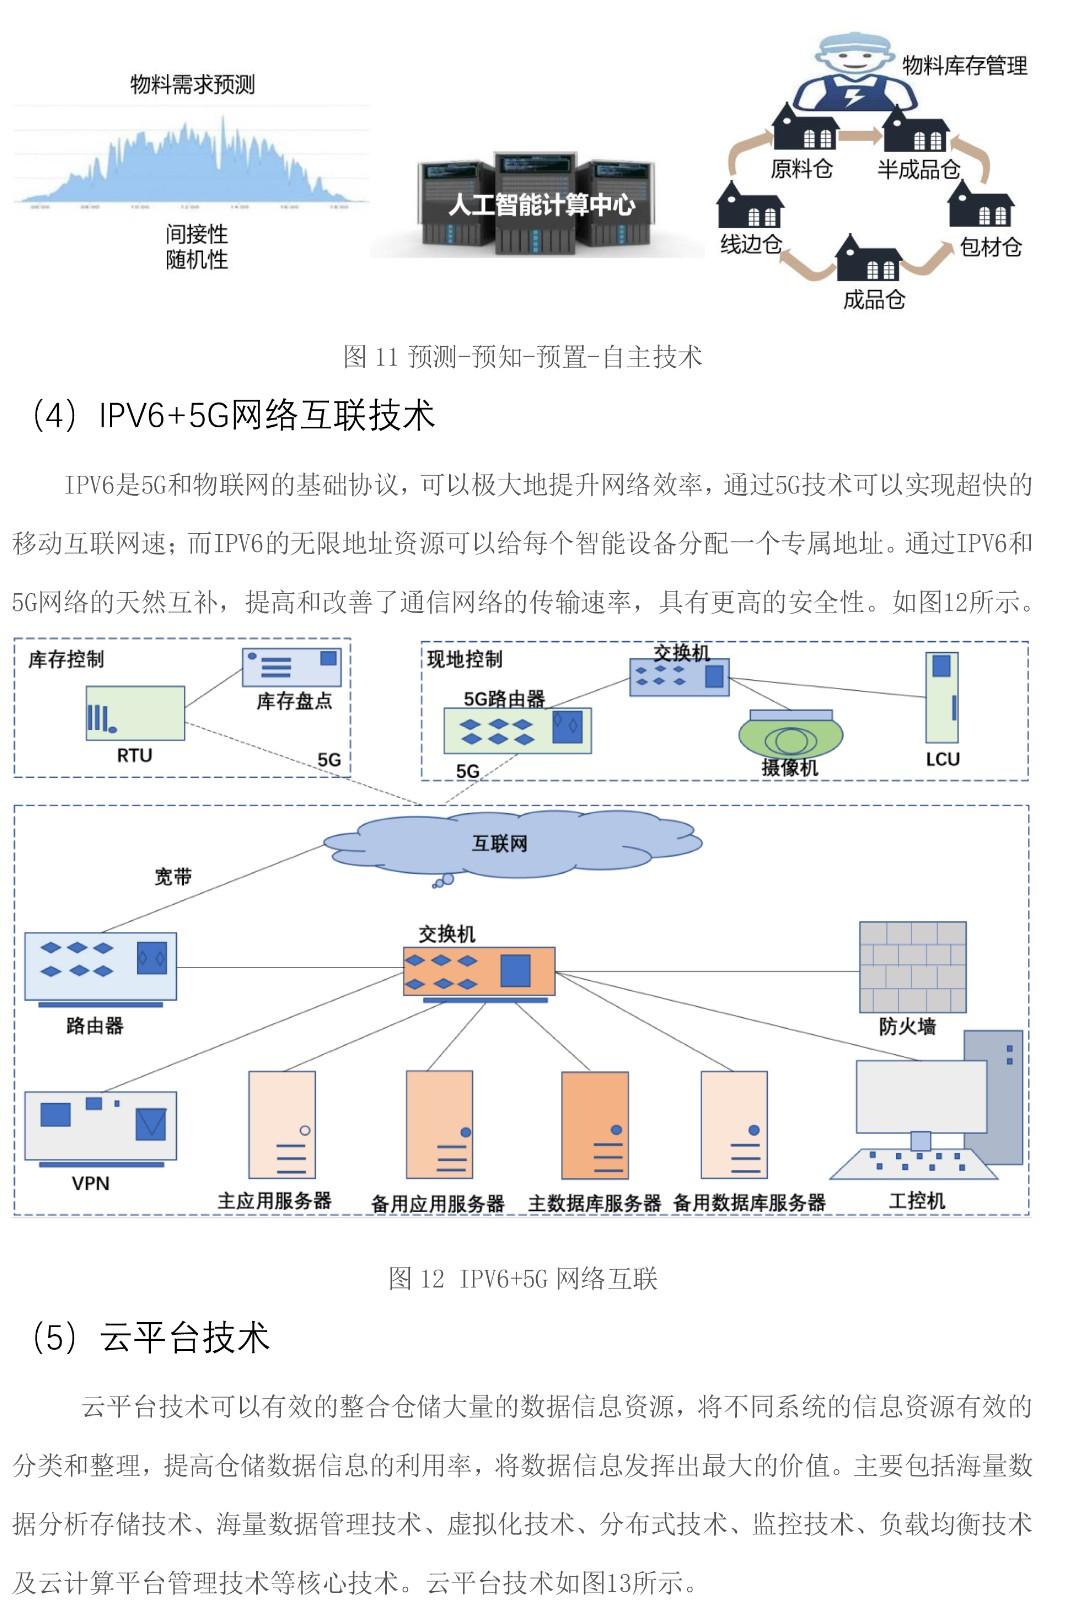 面向智能制造的数字仓储系统解决方案-白皮书V2-10 拷贝.jpg